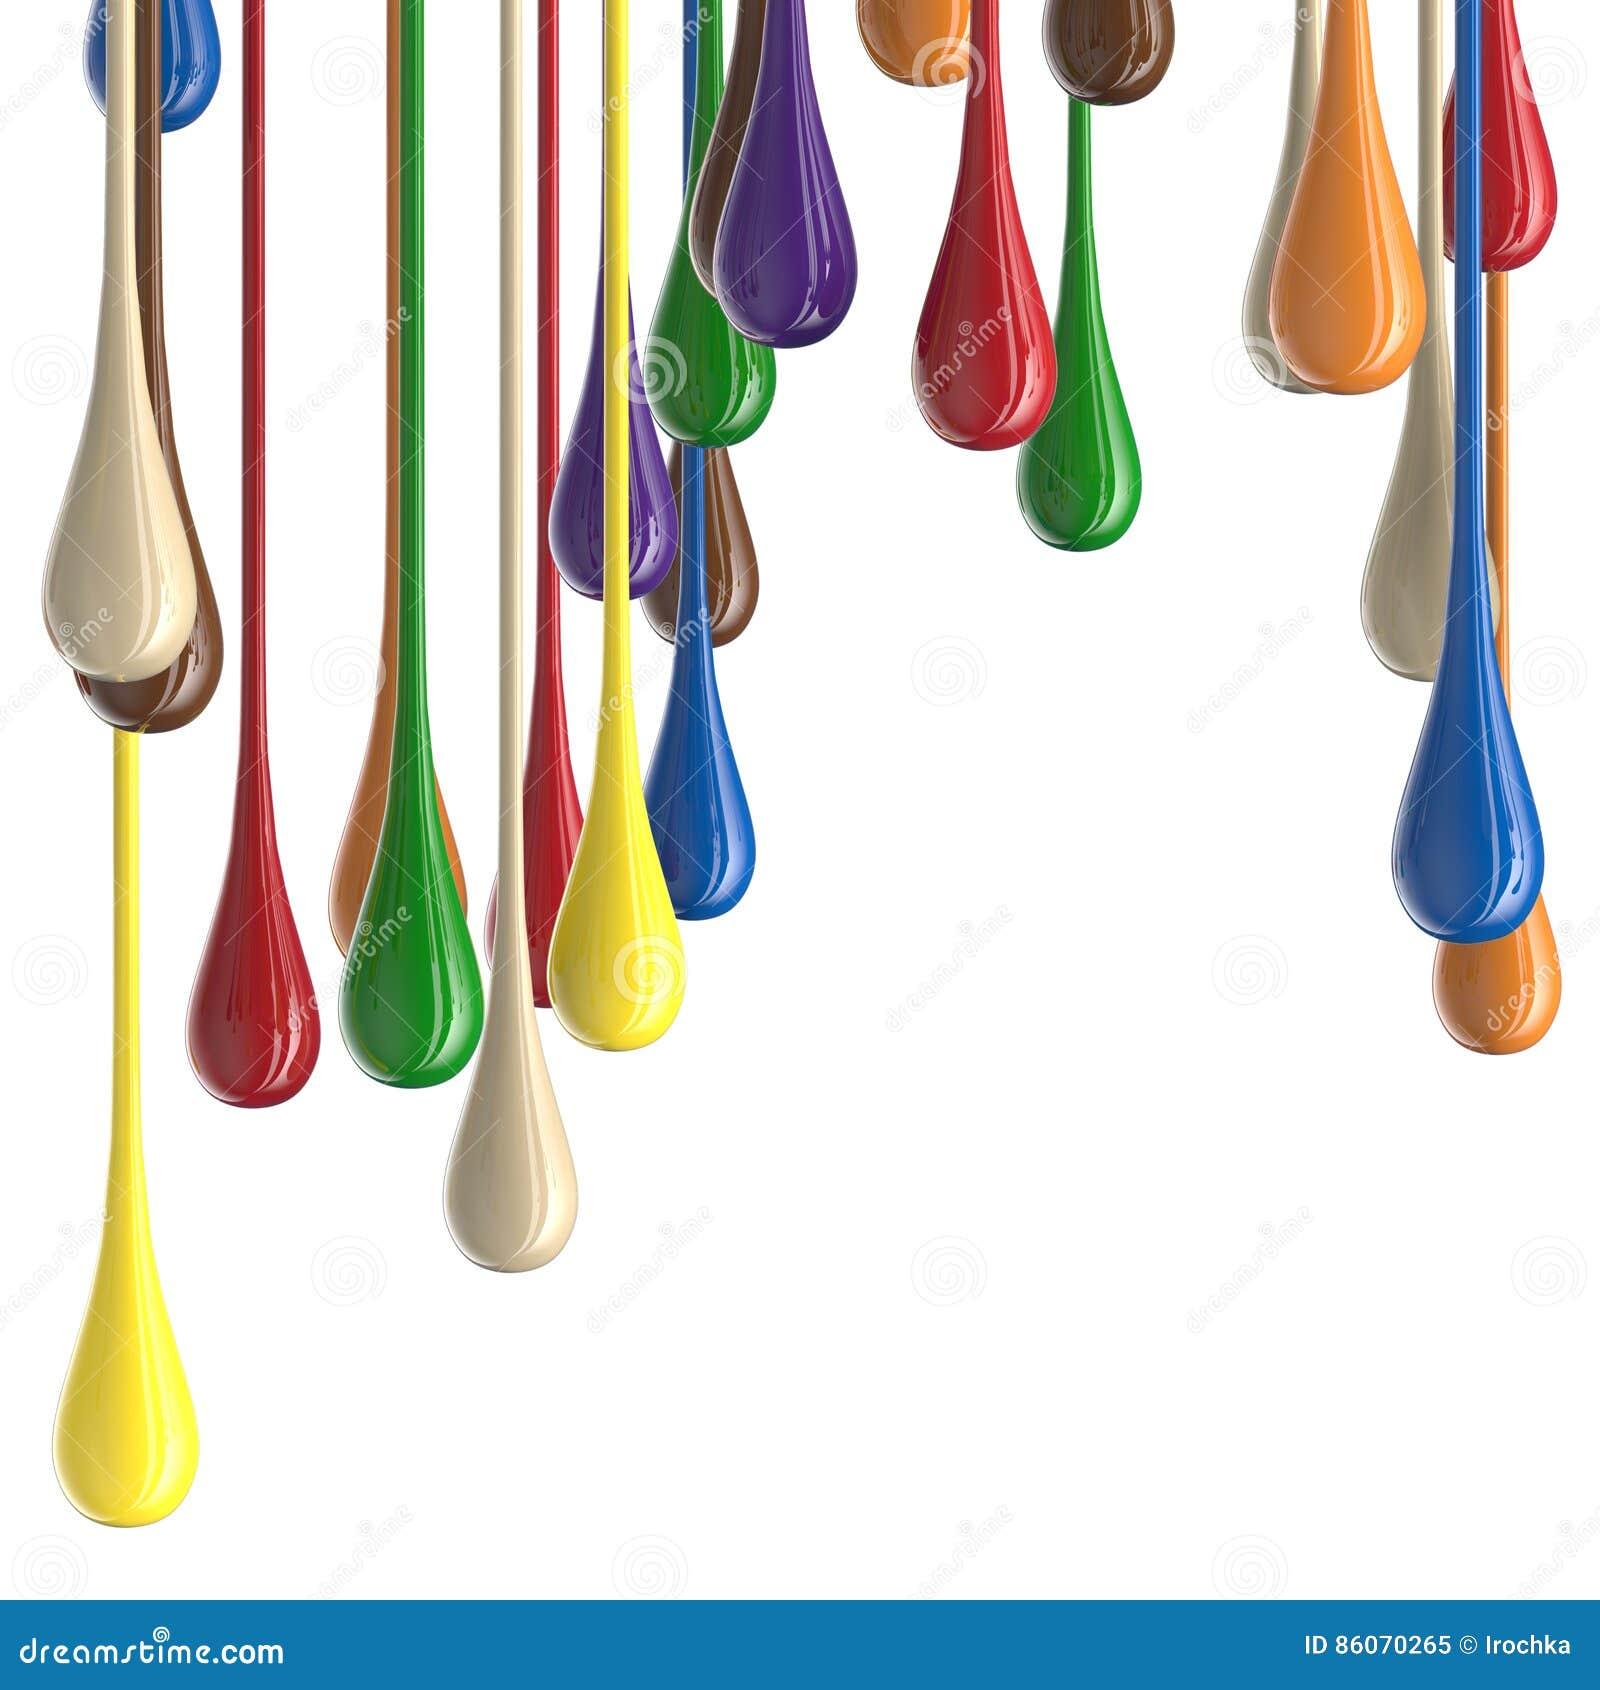 3D farby kropli multicolor kolorowe glansowane krople